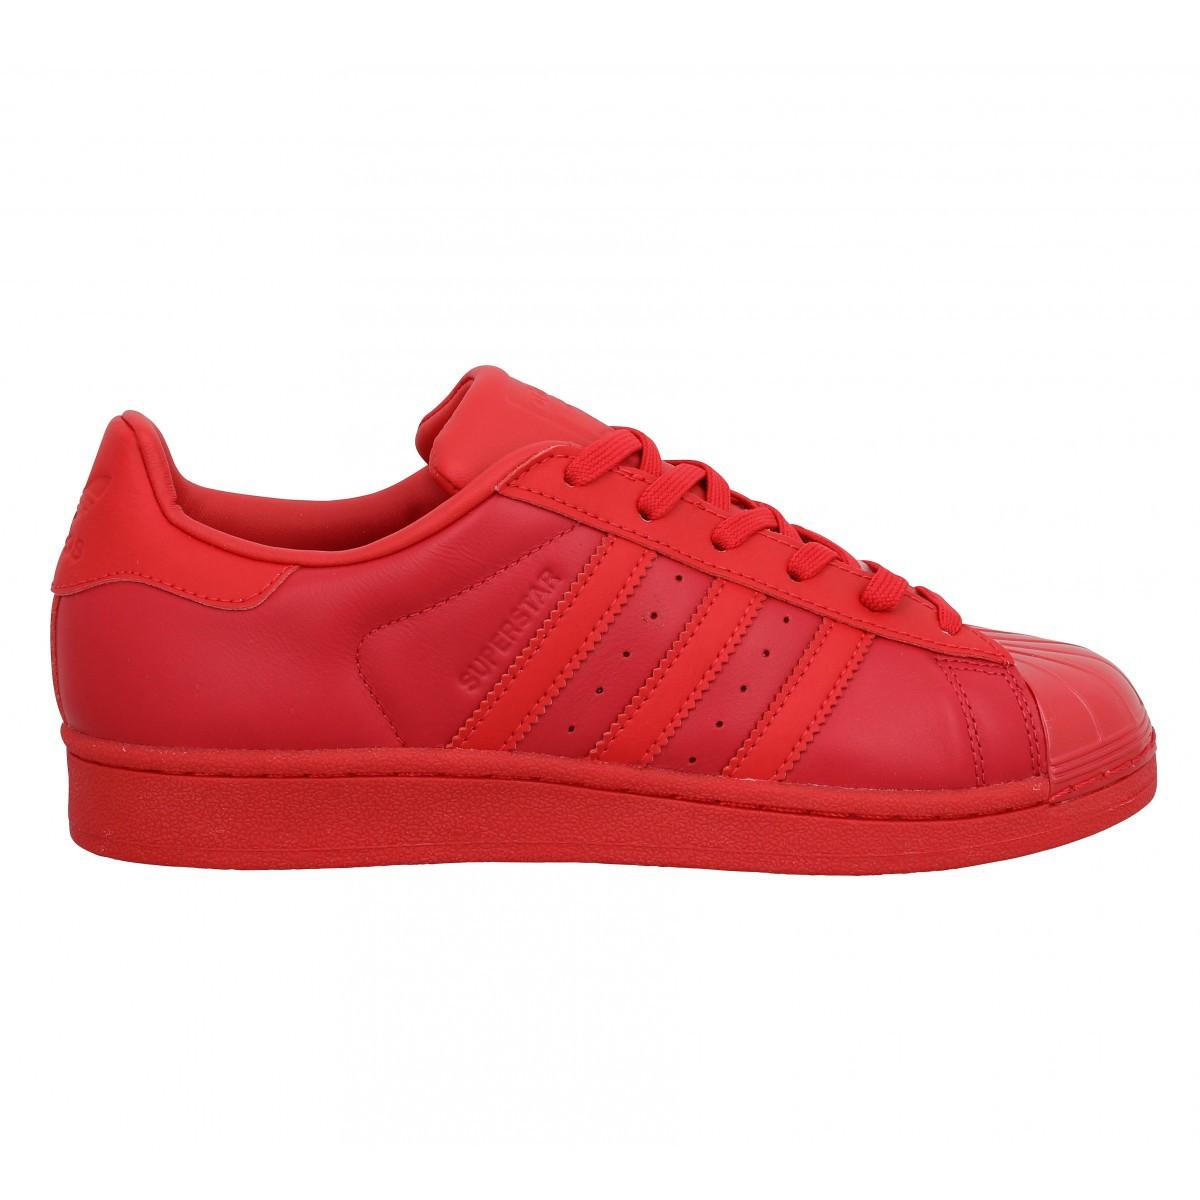 adidas rouge femme - www.automaty-zdarma.eu